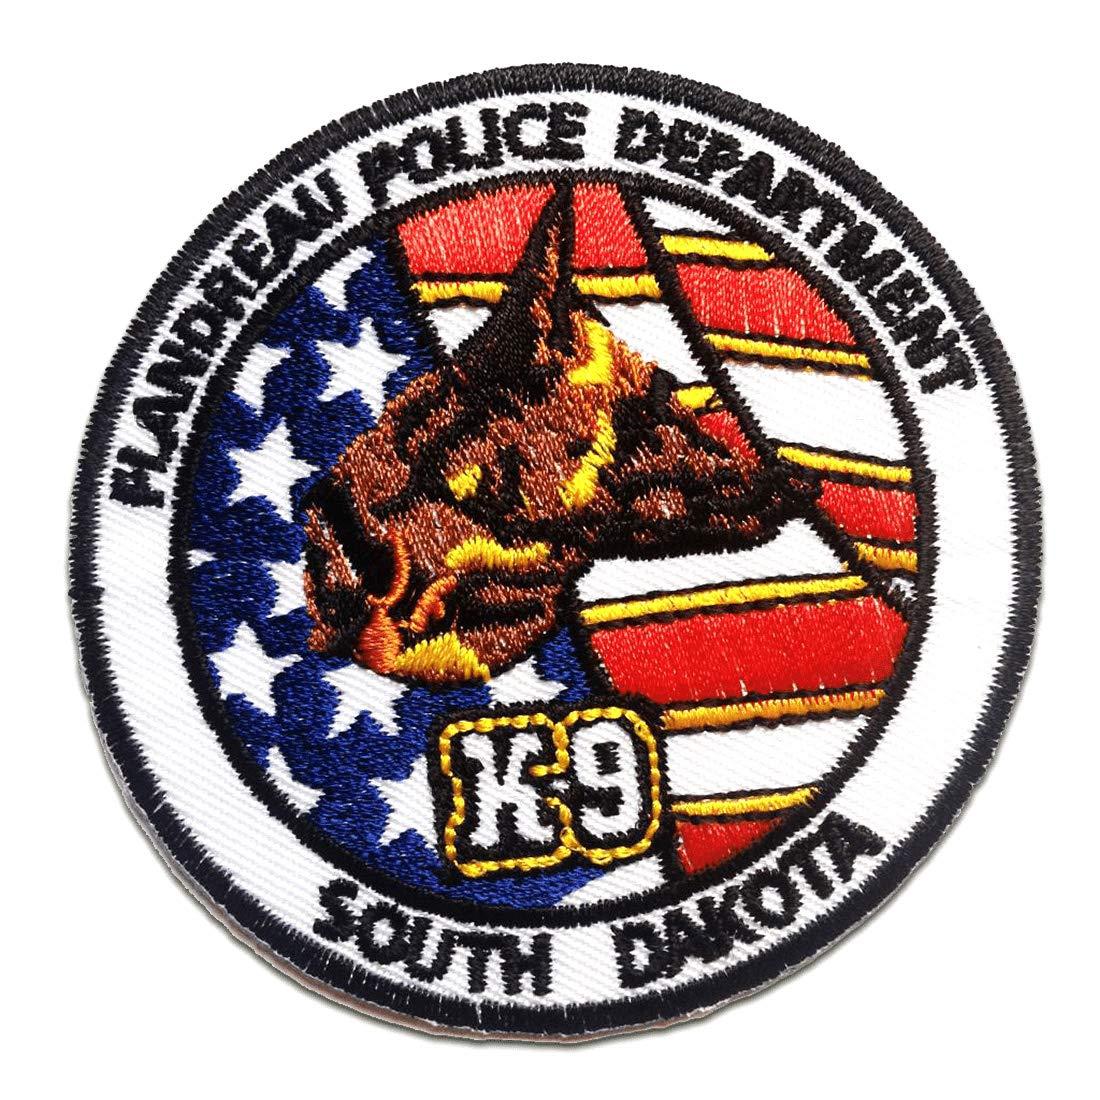 Parches - K9 Police Department Logo - colorido - 7.7x7.7cm - by catch-the-patch® termoadhesivos bordados aplique para ropa